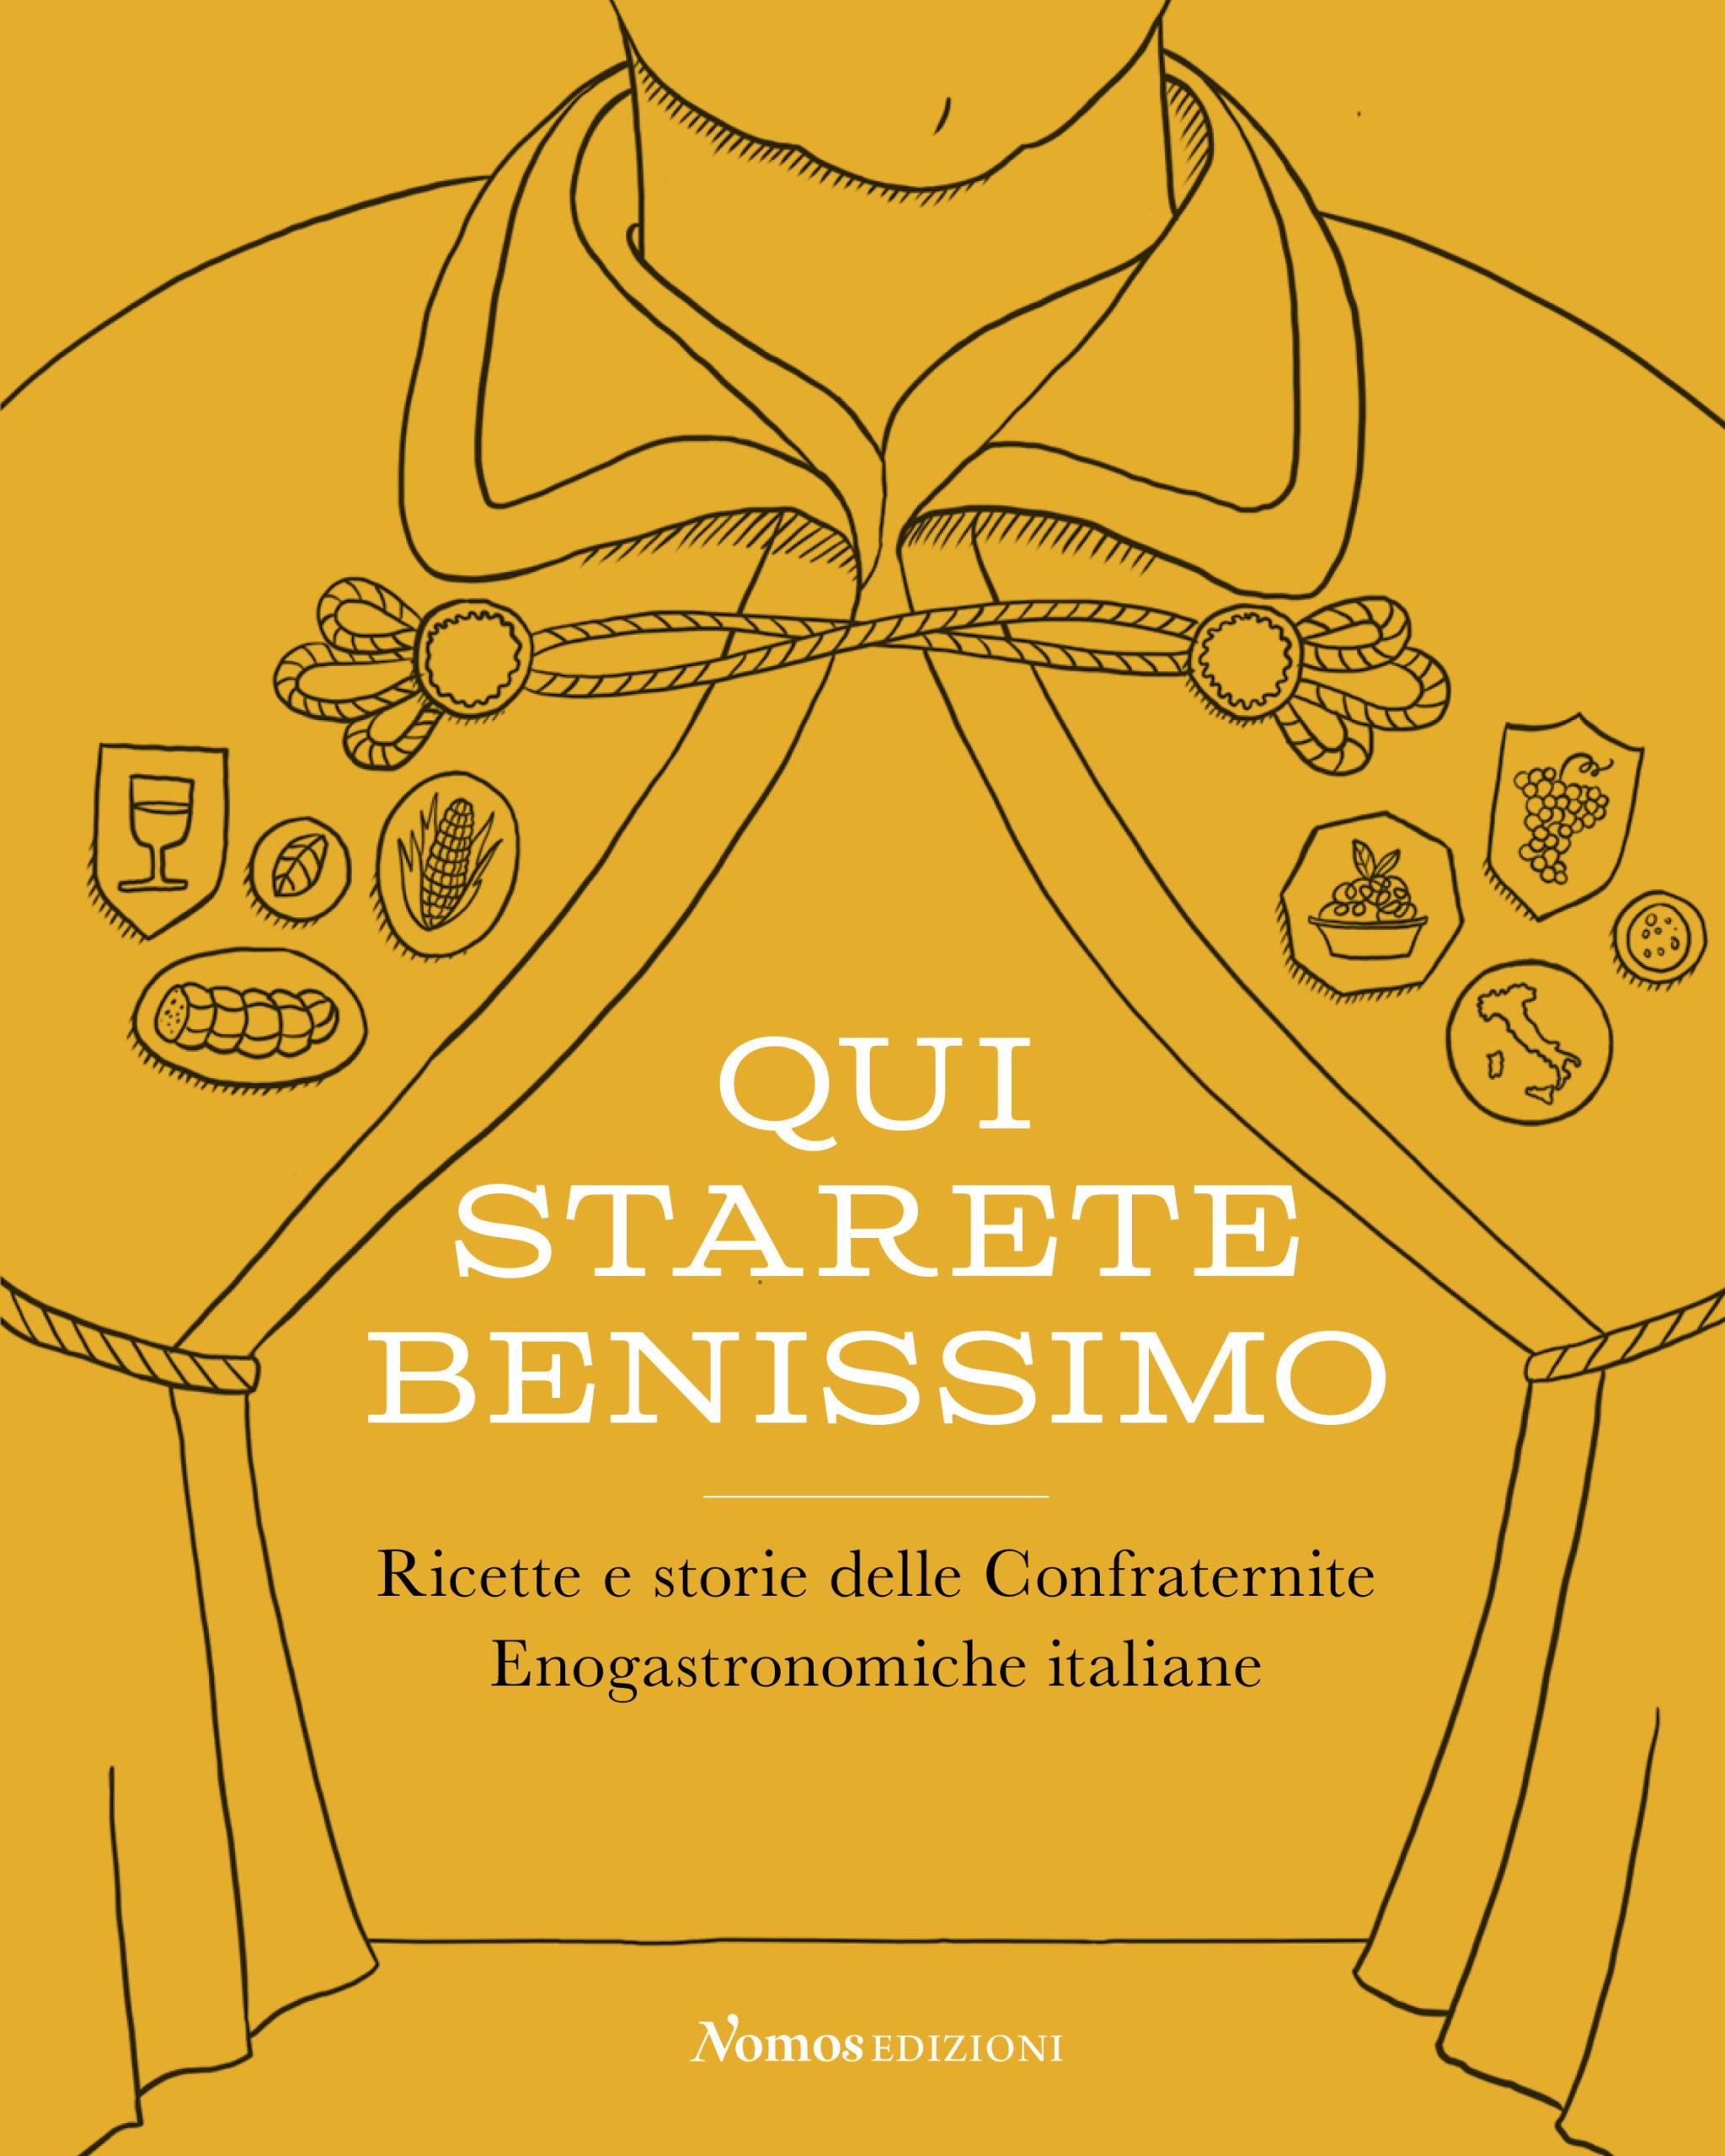 Qui starete benissimo: ricette e storie delle confraternite enogastronomiche italiane